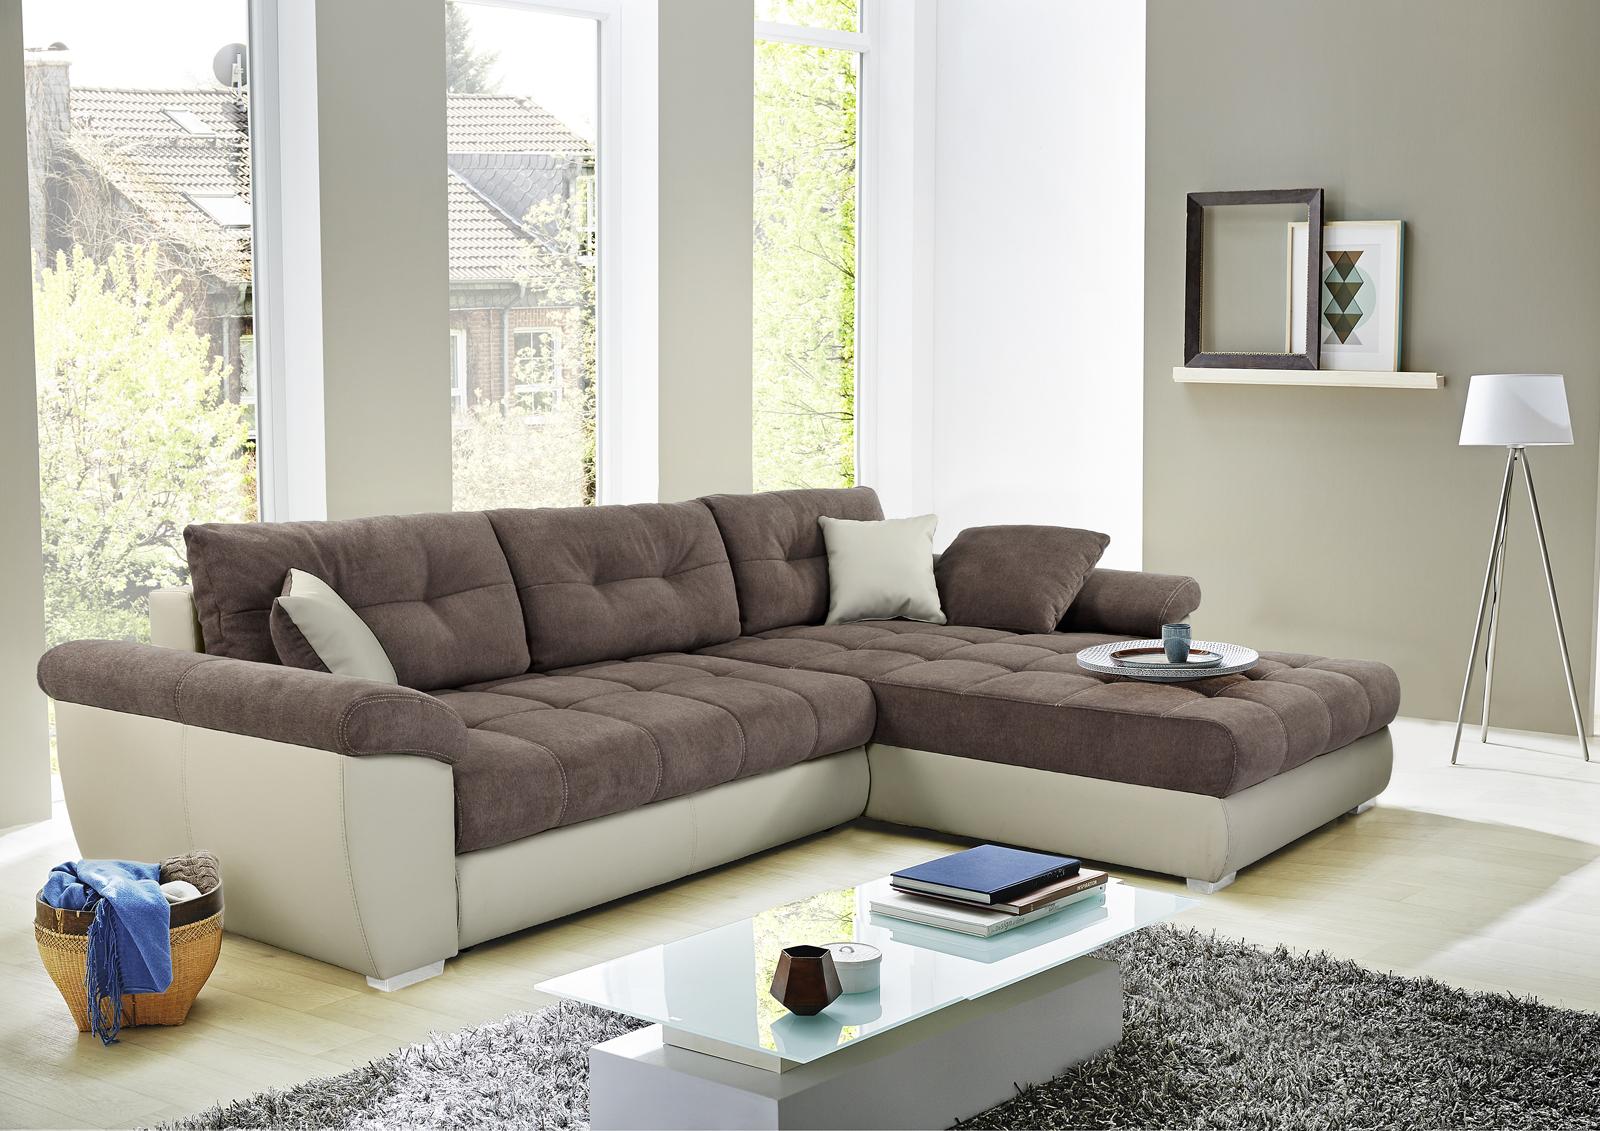 wohnlandschaft inkl bettkasten u g stebett amalfi von job greige braun. Black Bedroom Furniture Sets. Home Design Ideas